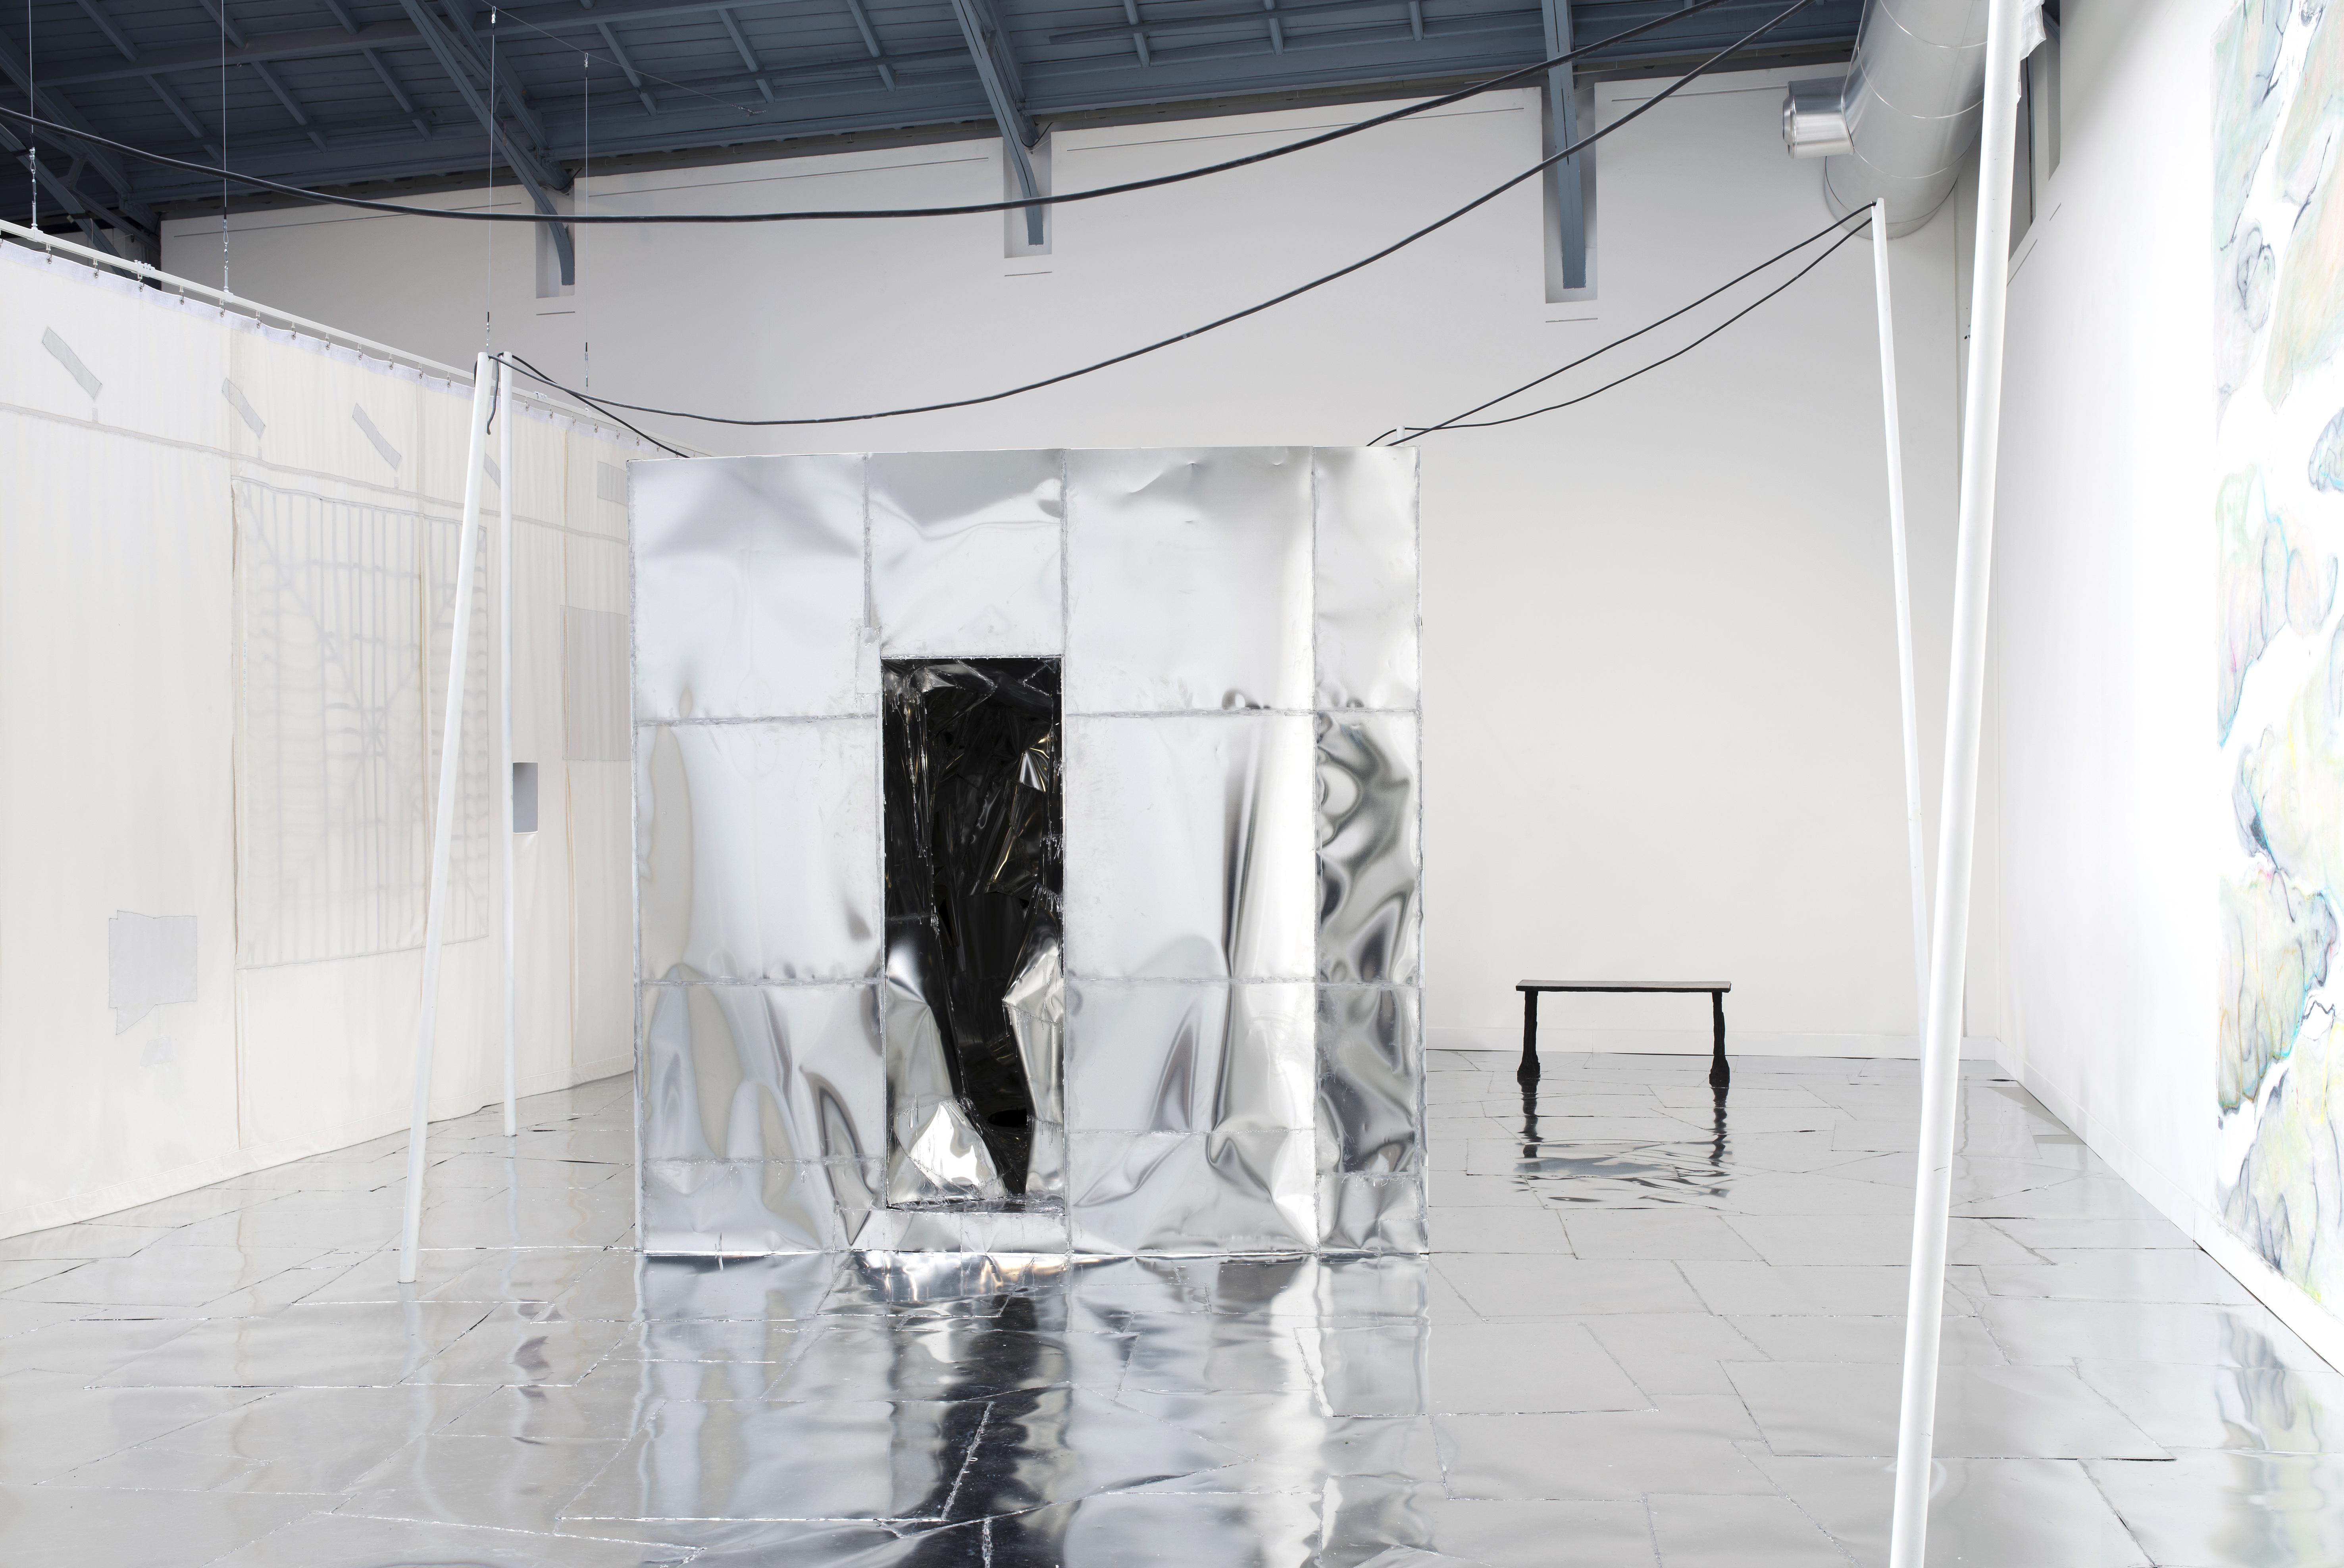 """Douglas Eynon & Erwan Mahéo, """"NOVELTY Ltd."""" Exhibition view, La Verrière - Fondation d'entreprise Hermès, 2017"""